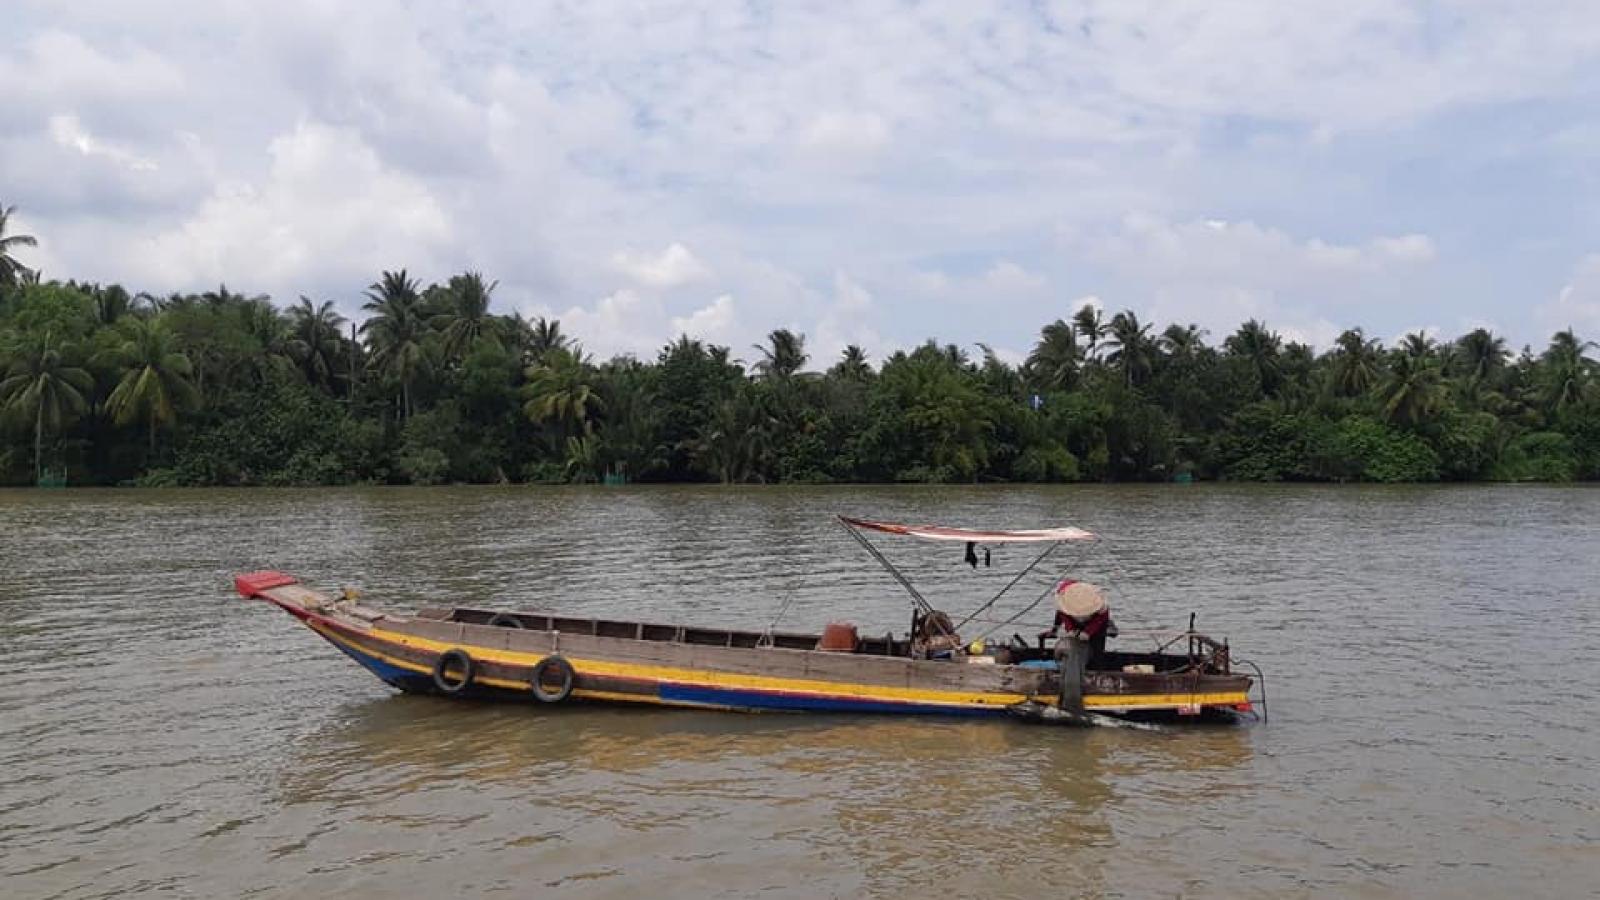 Tìm thấy nạn nhân mất tích do chìm ghe trên sông Cái Quao